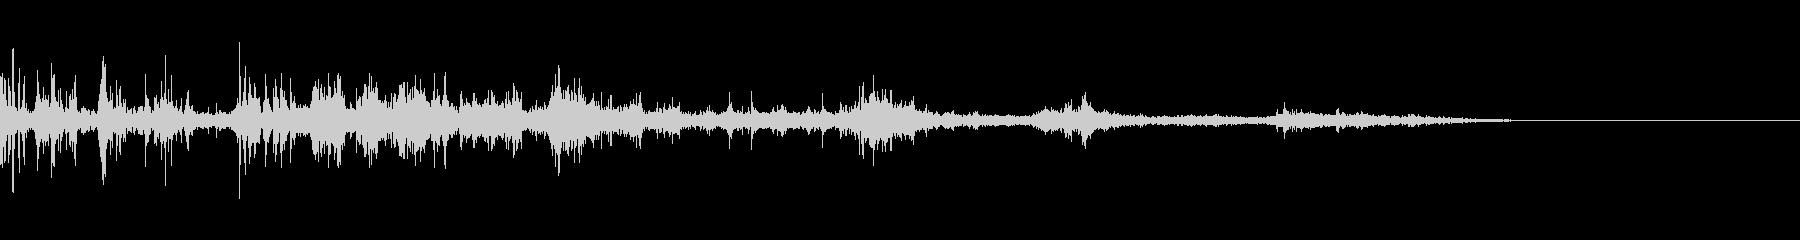 カミナリ(遠雷)-23の未再生の波形